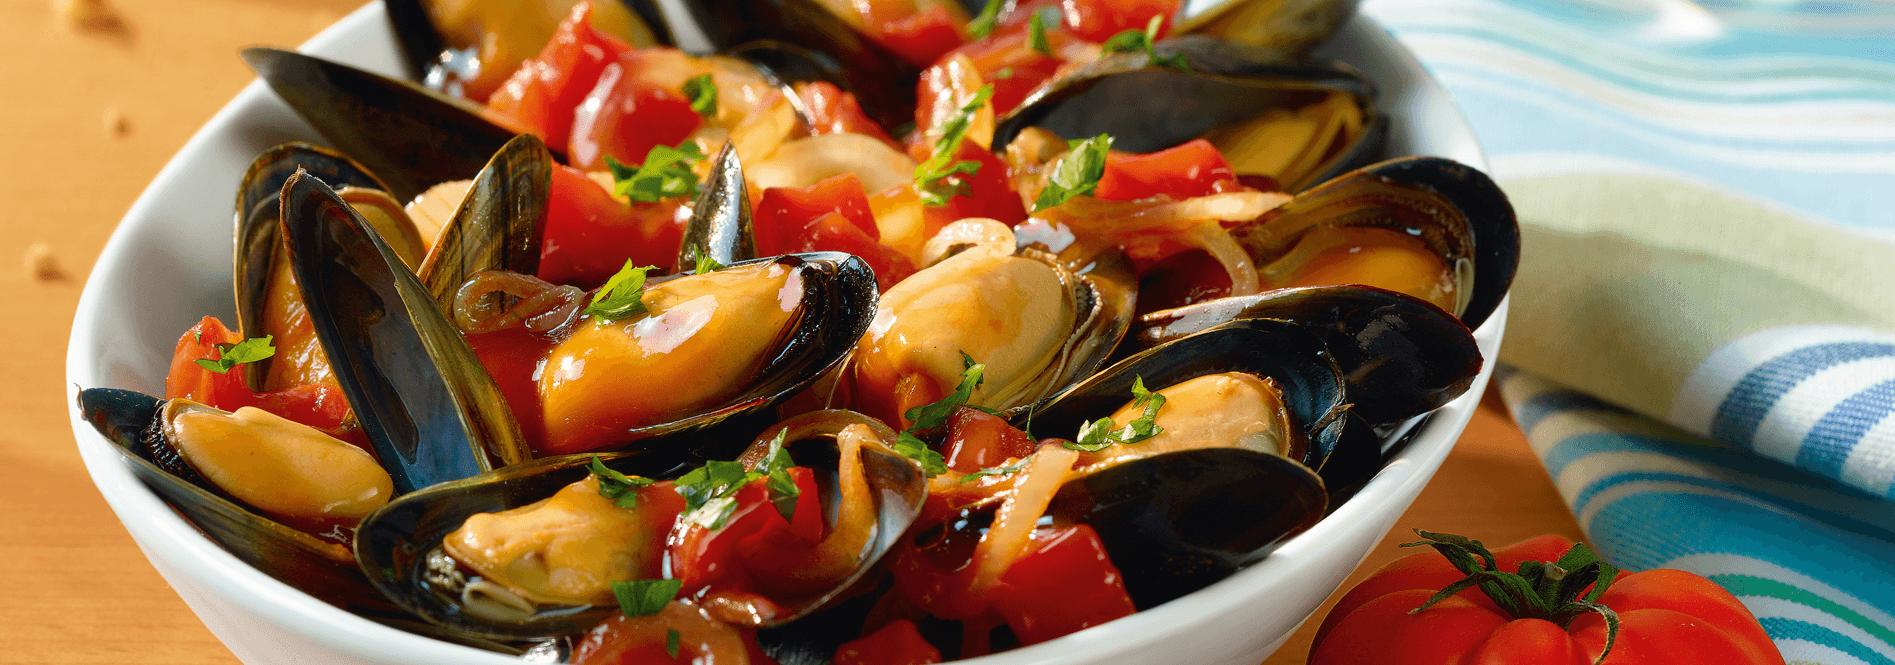 Rezeptfoto Miesmuscheln in Tomaten Weißwein Sauce von COSTA Meeresspezialitäten